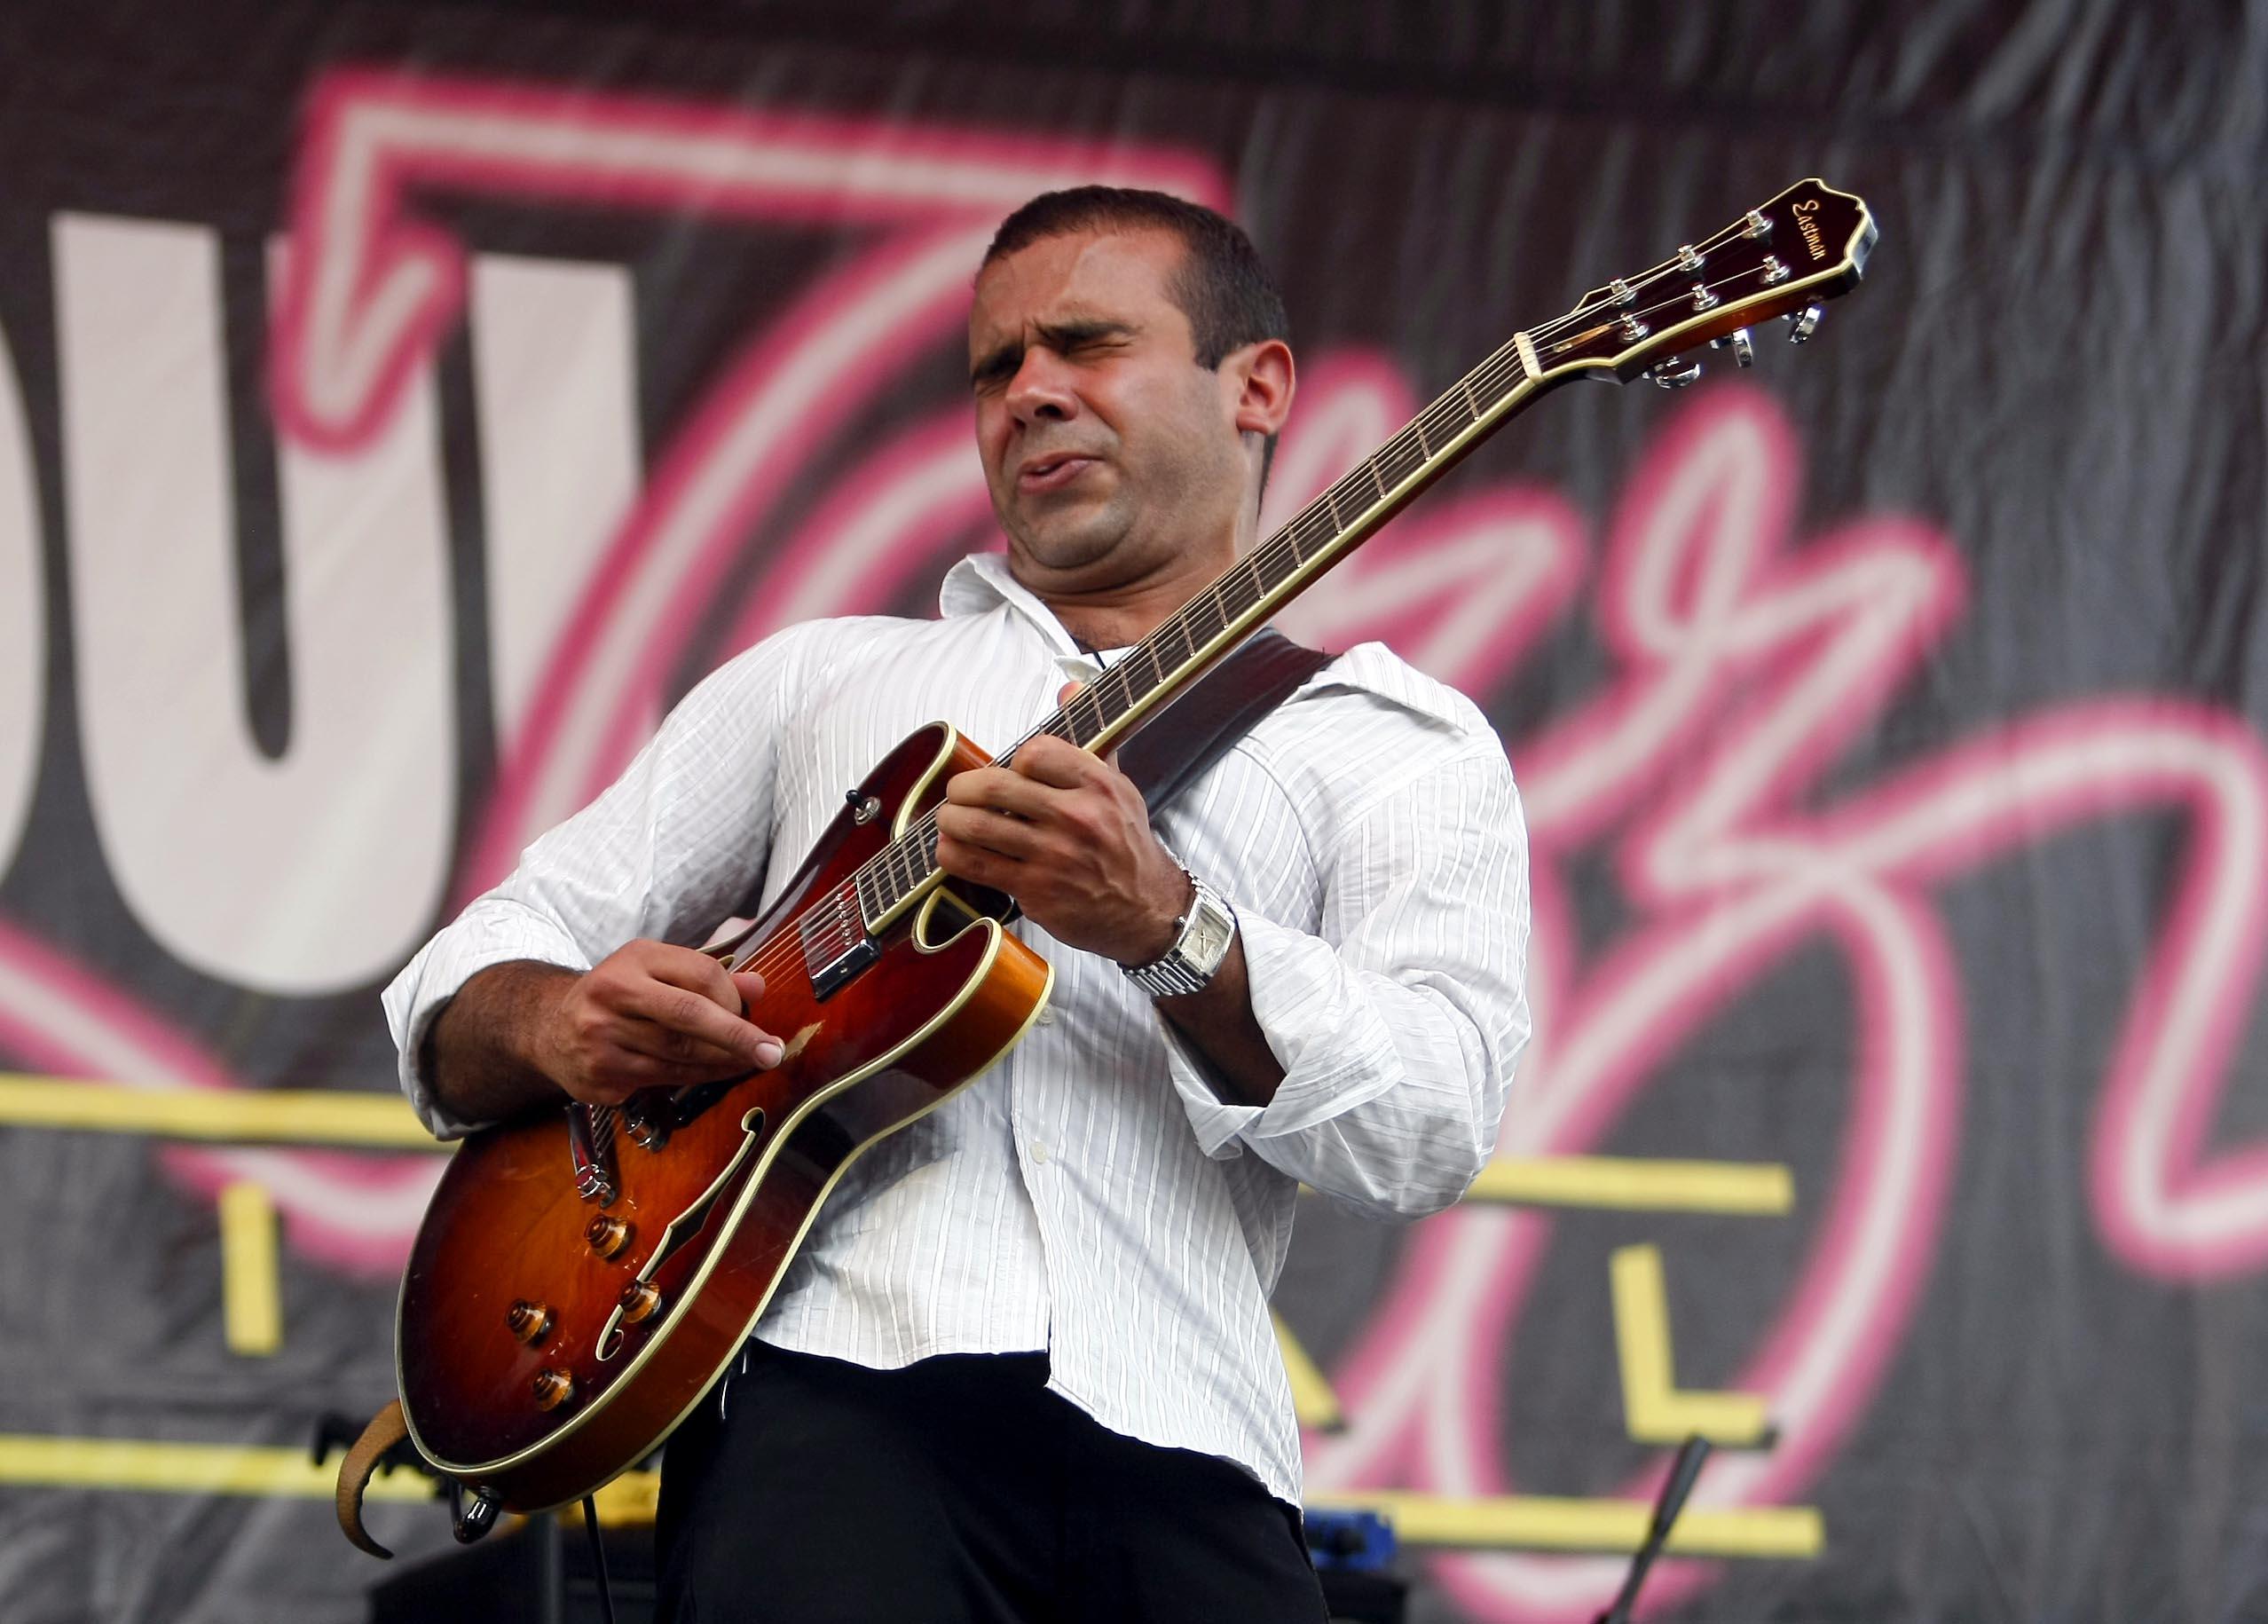 2009 Barranquijazz Festival